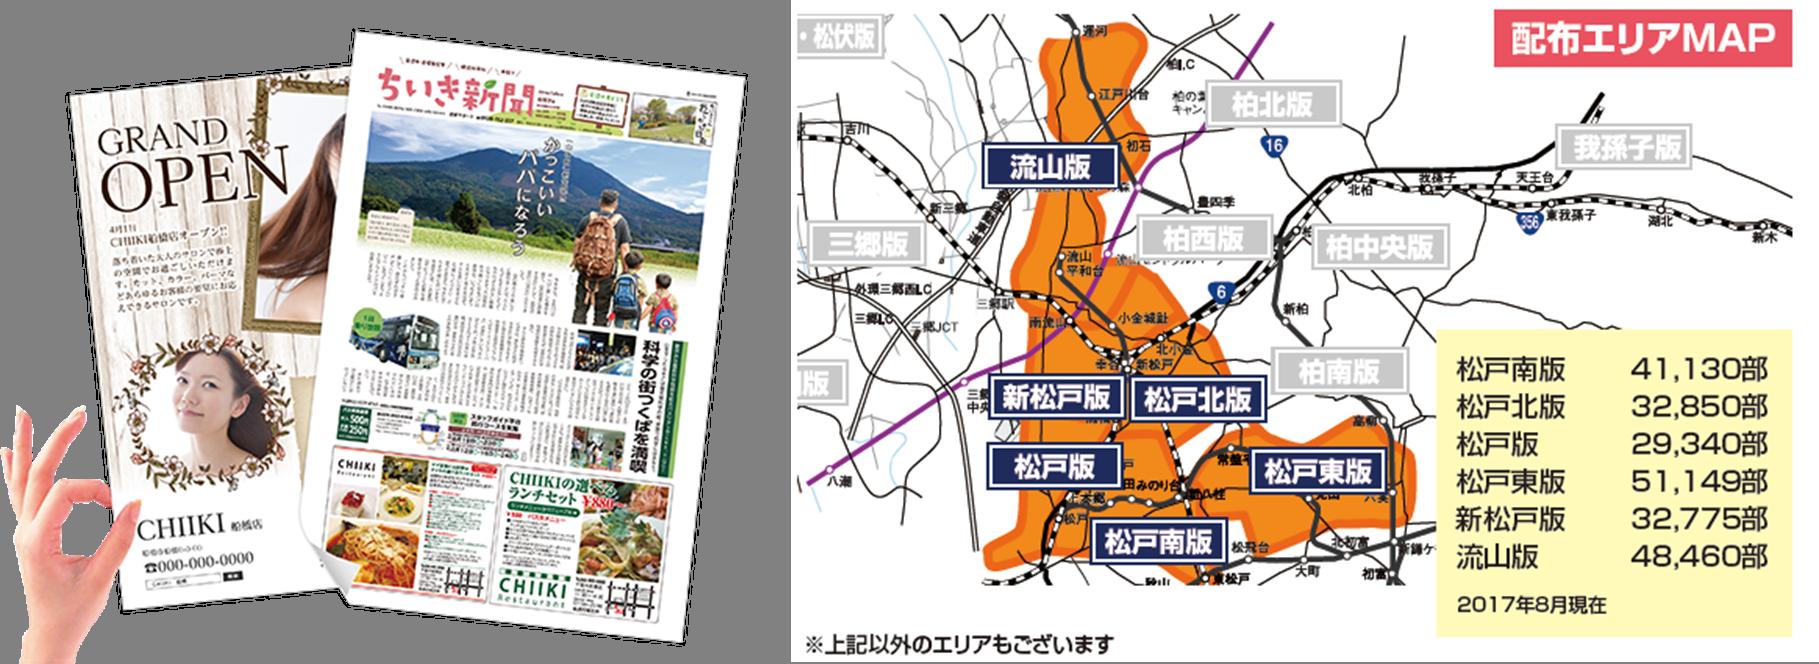 【葛飾区近隣 ポスティングエリアMAP・部数一覧】